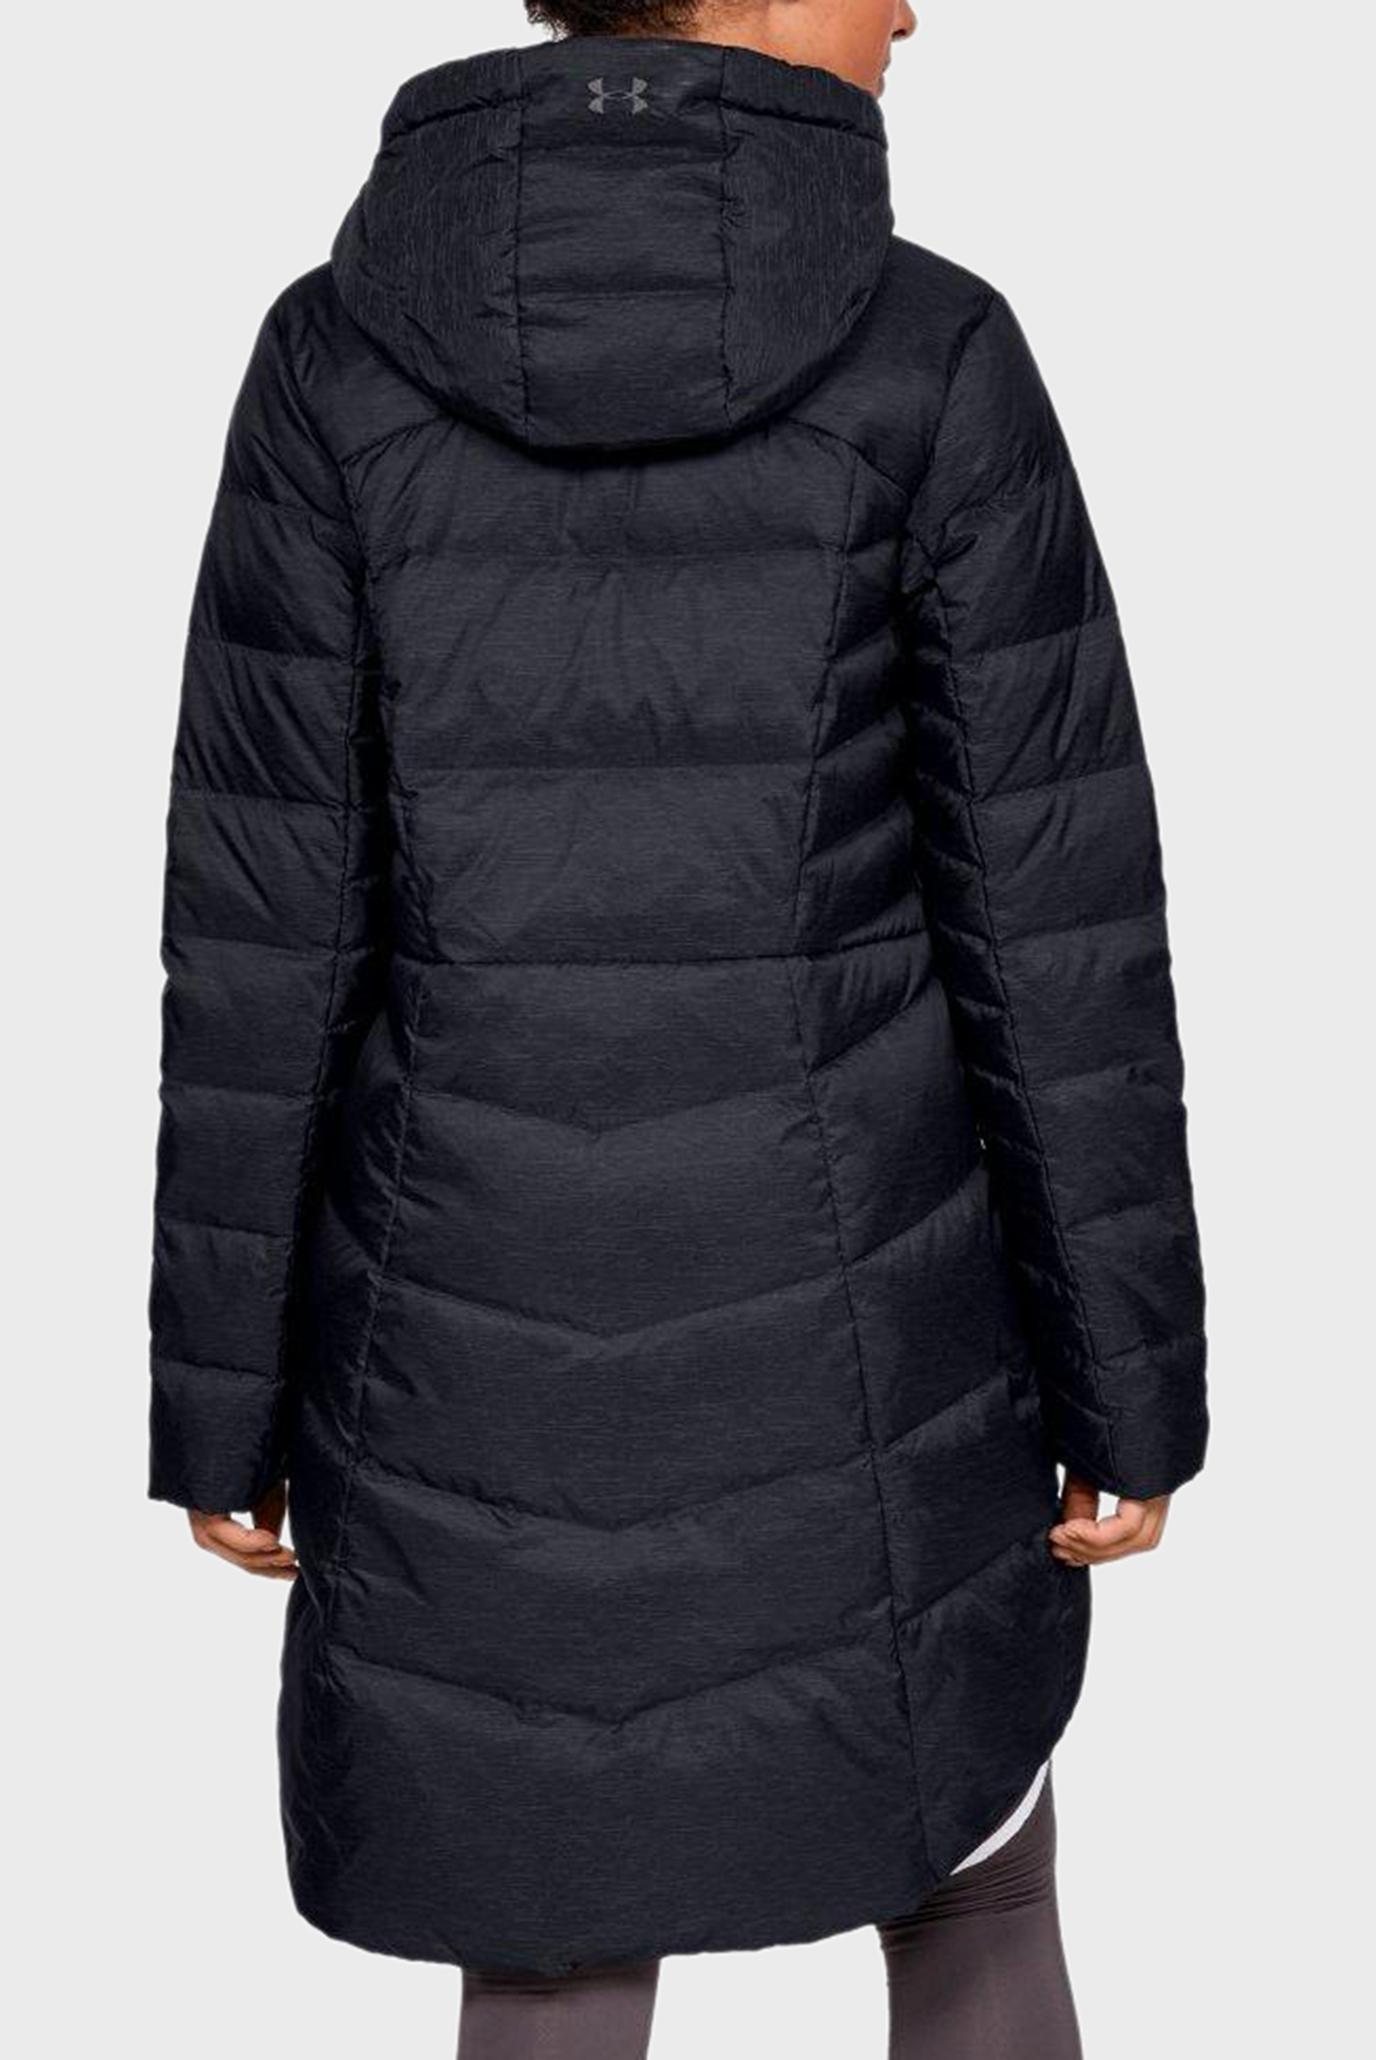 Купить Женский черный пуховик Down Sweater Parka-Warm Under Armour Under Armour 1323837-001 – Киев, Украина. Цены в интернет магазине MD Fashion